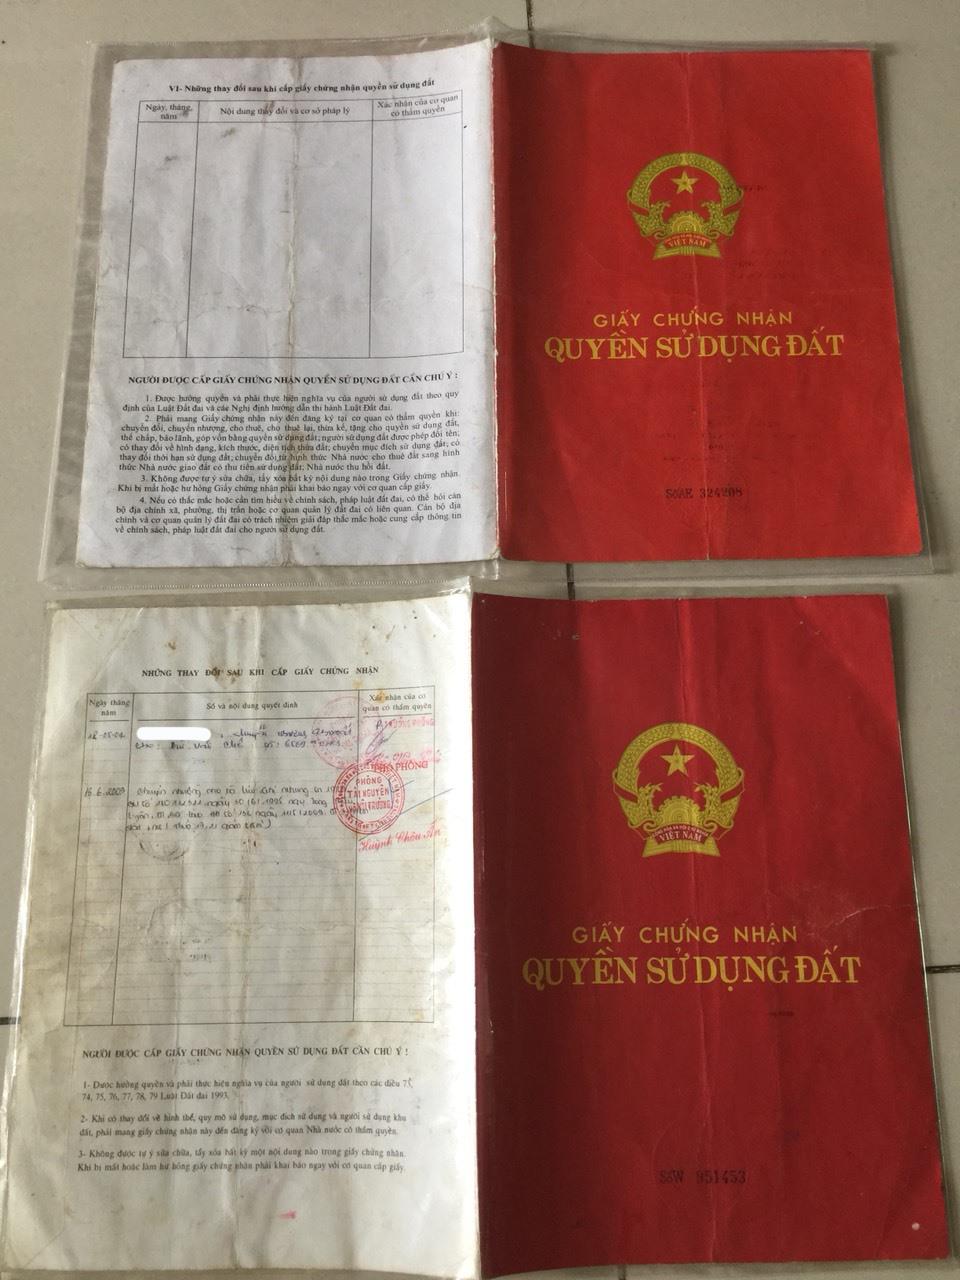 Một chủ tiệm cầm đồ ở TPHCM bị lừa cầm 2 cuốn sổ đỏ giả (ảnh NS)